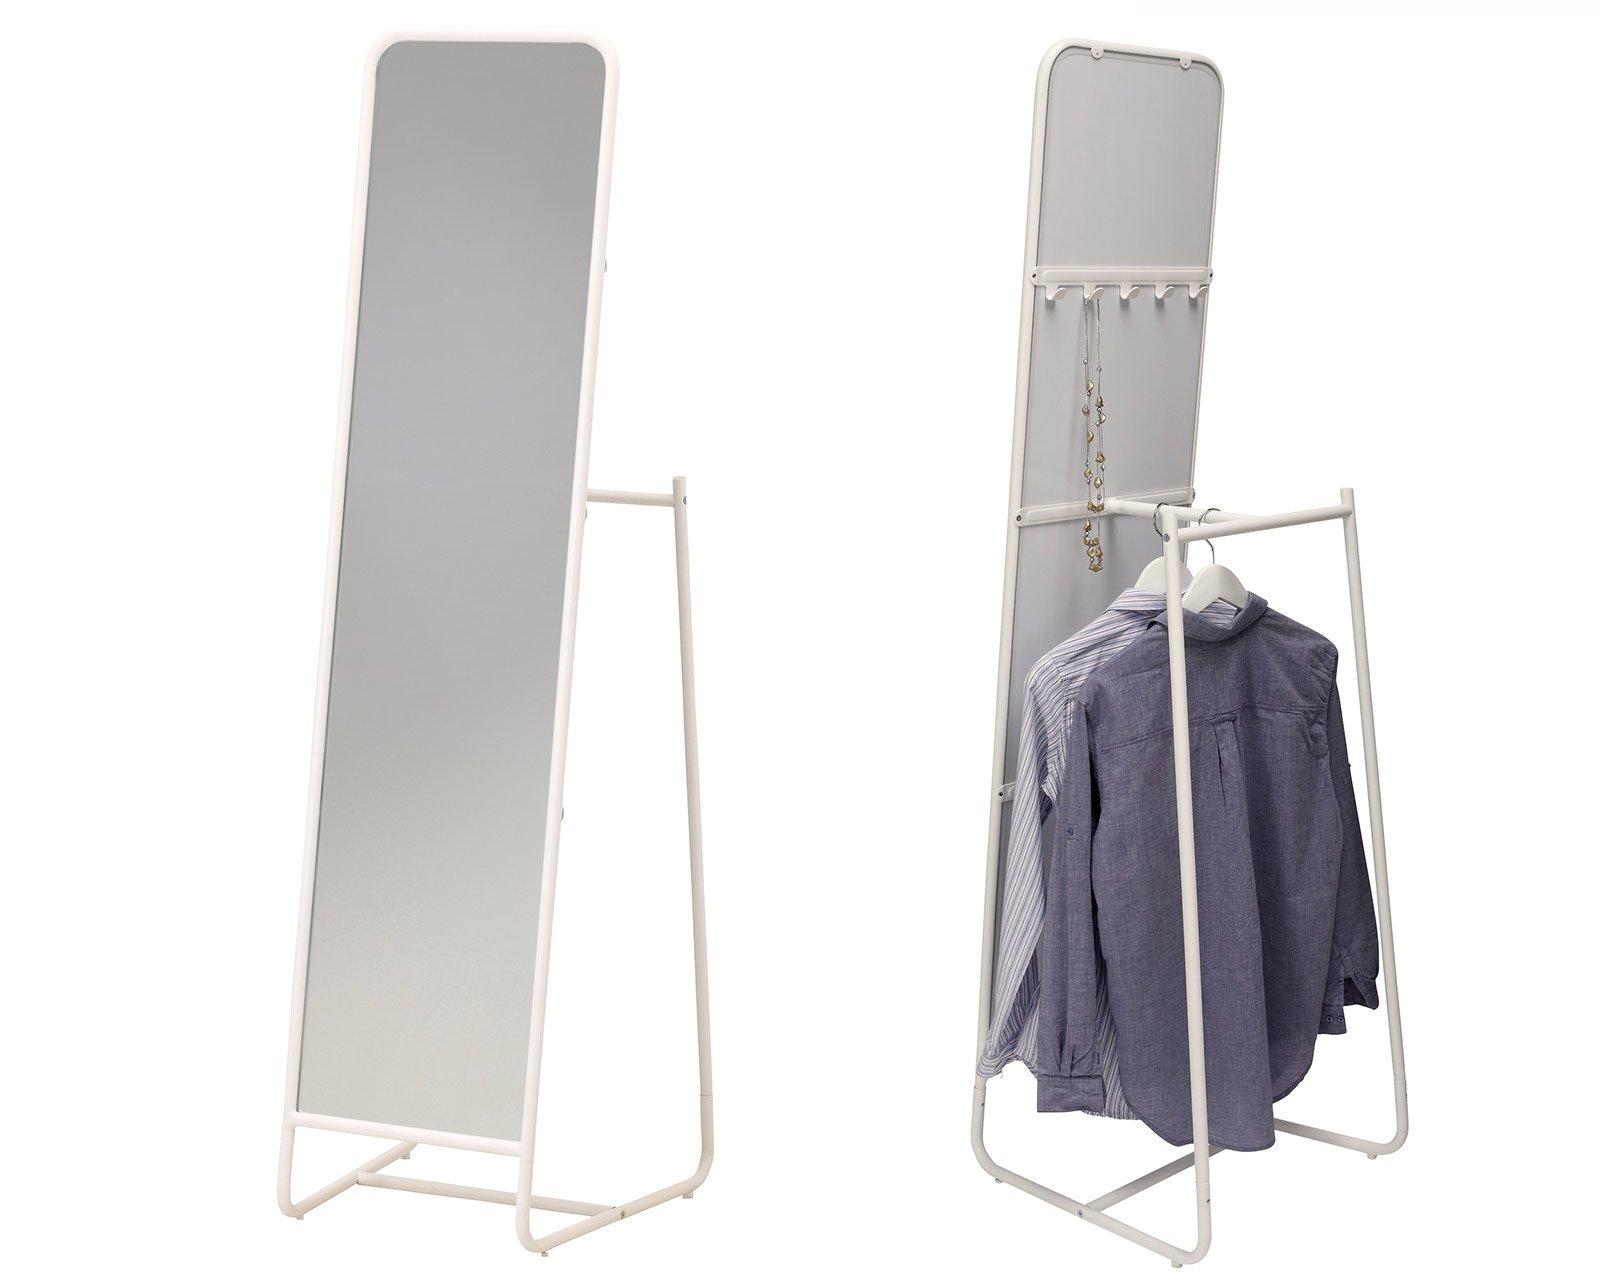 Specchi questione di riflessi cose di casa for Specchio da tavolo con luce ikea